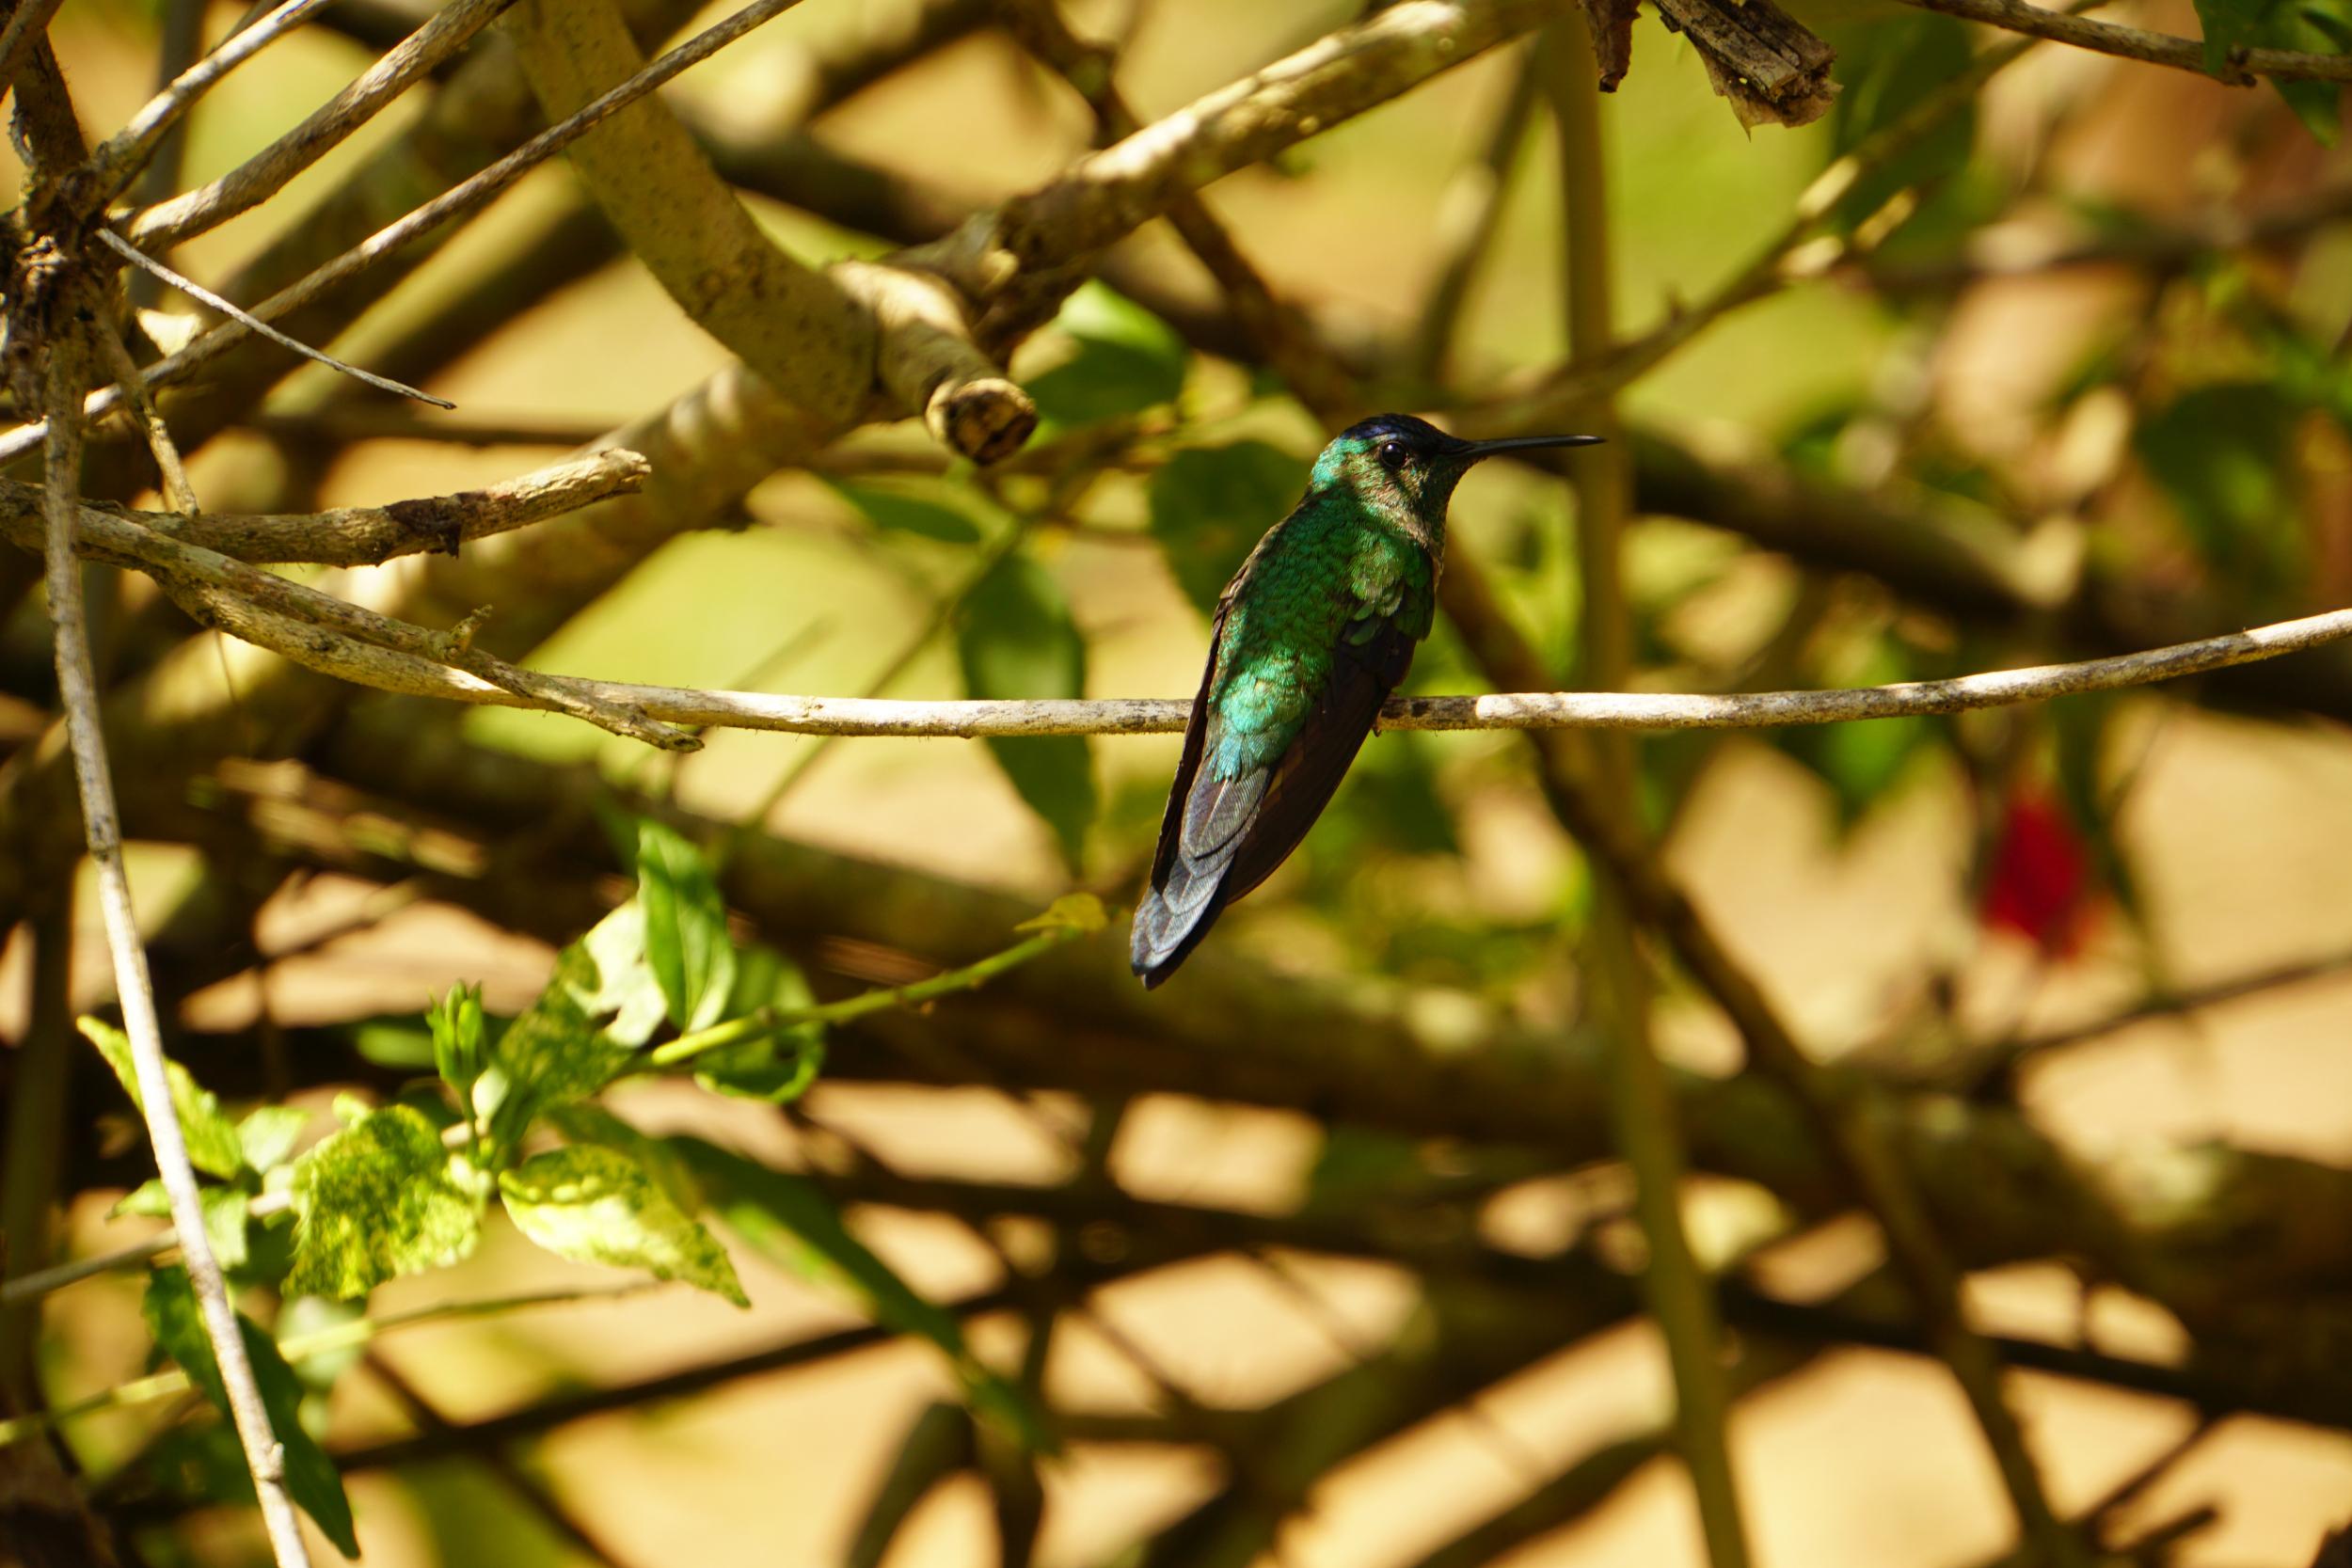 20. Hummingbird on hike